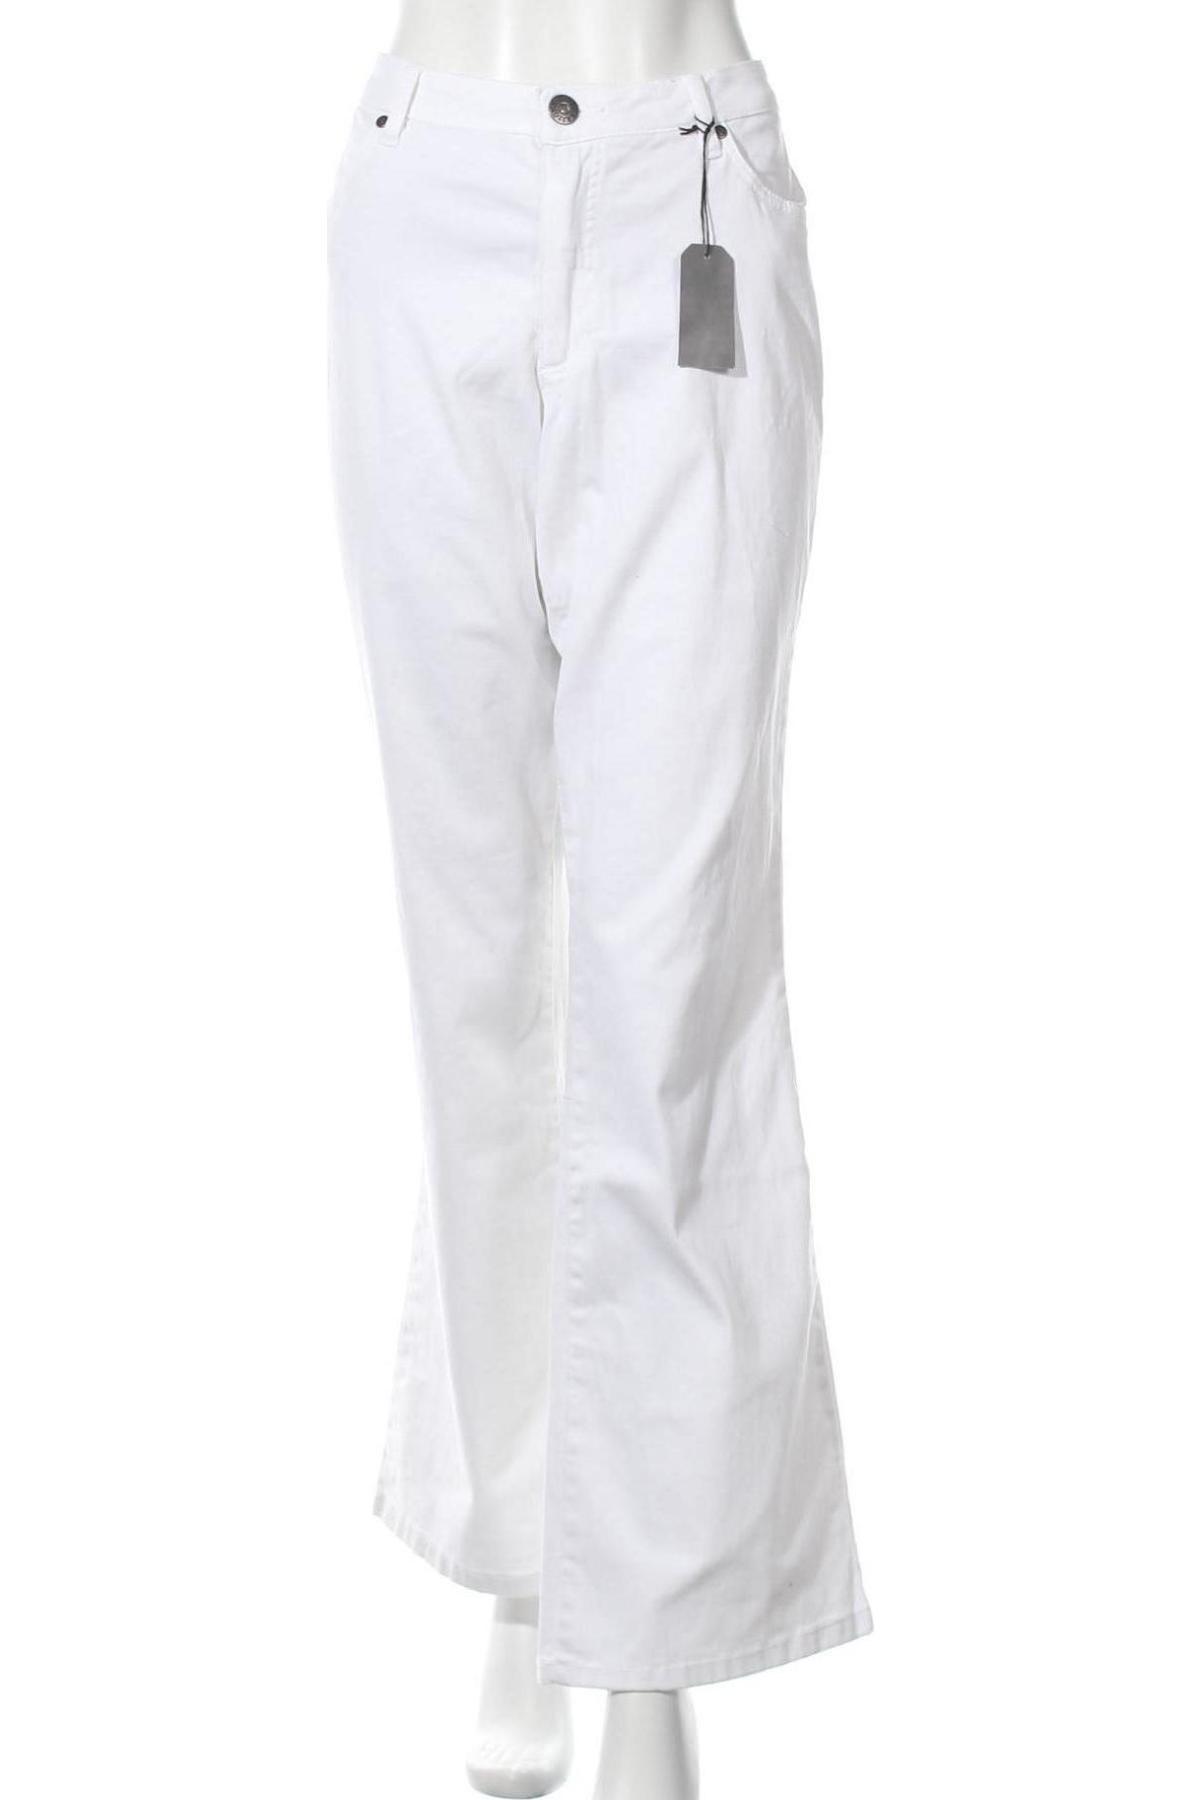 Дамски дънки Arizona, Размер XXL, Цвят Бял, 98% памук, 2% еластан, Цена 25,95лв.